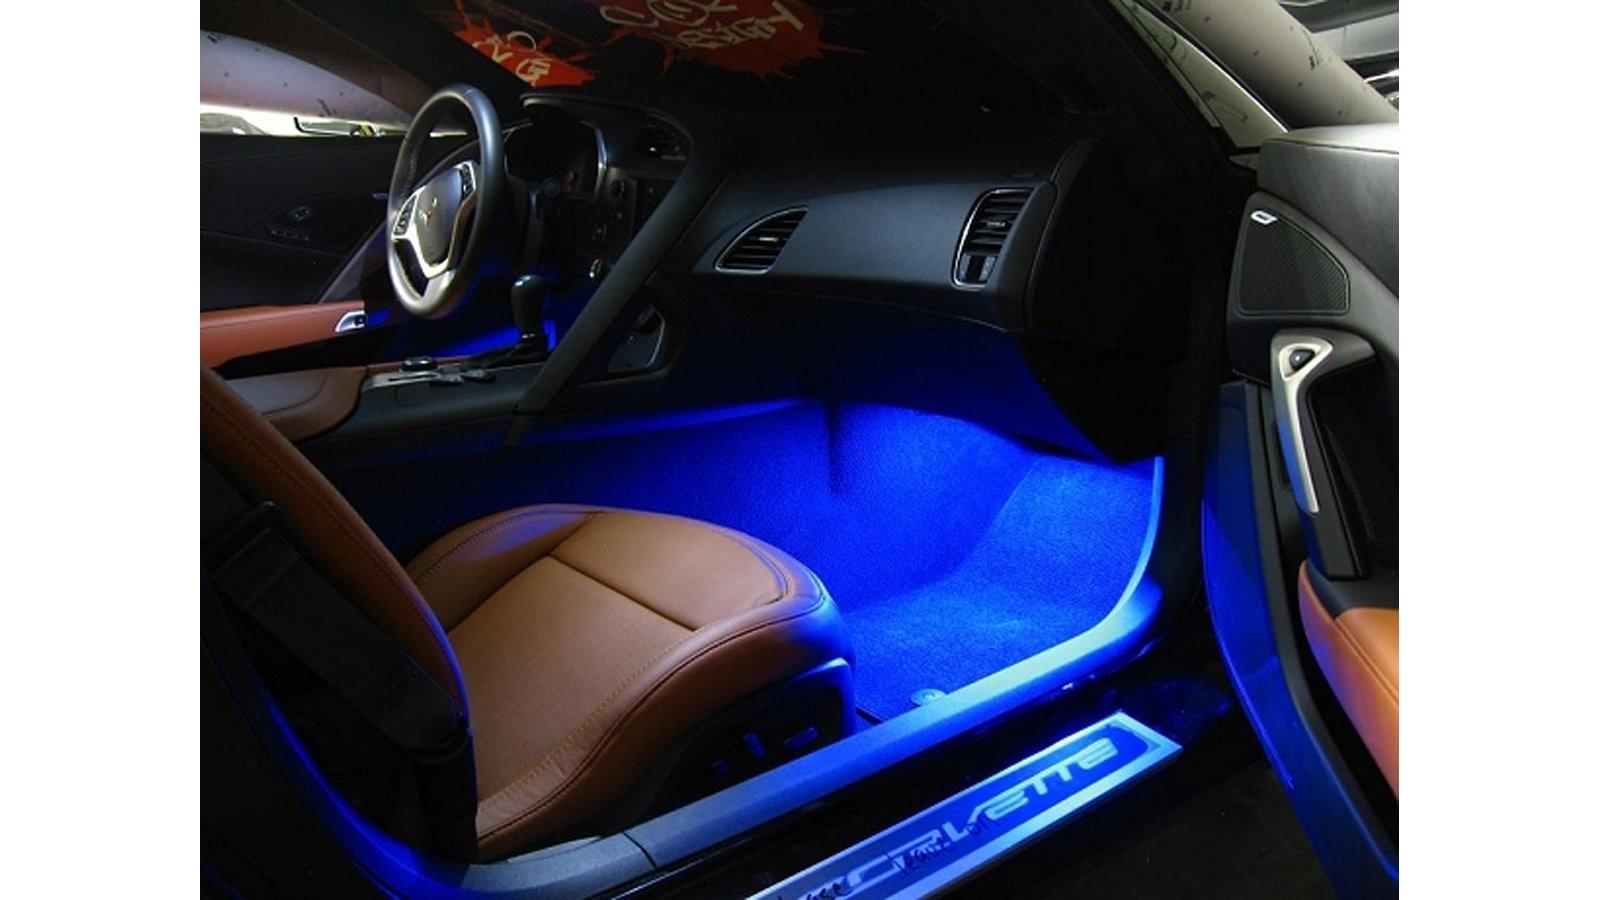 Corvette Interior Modifications Corvetteforum